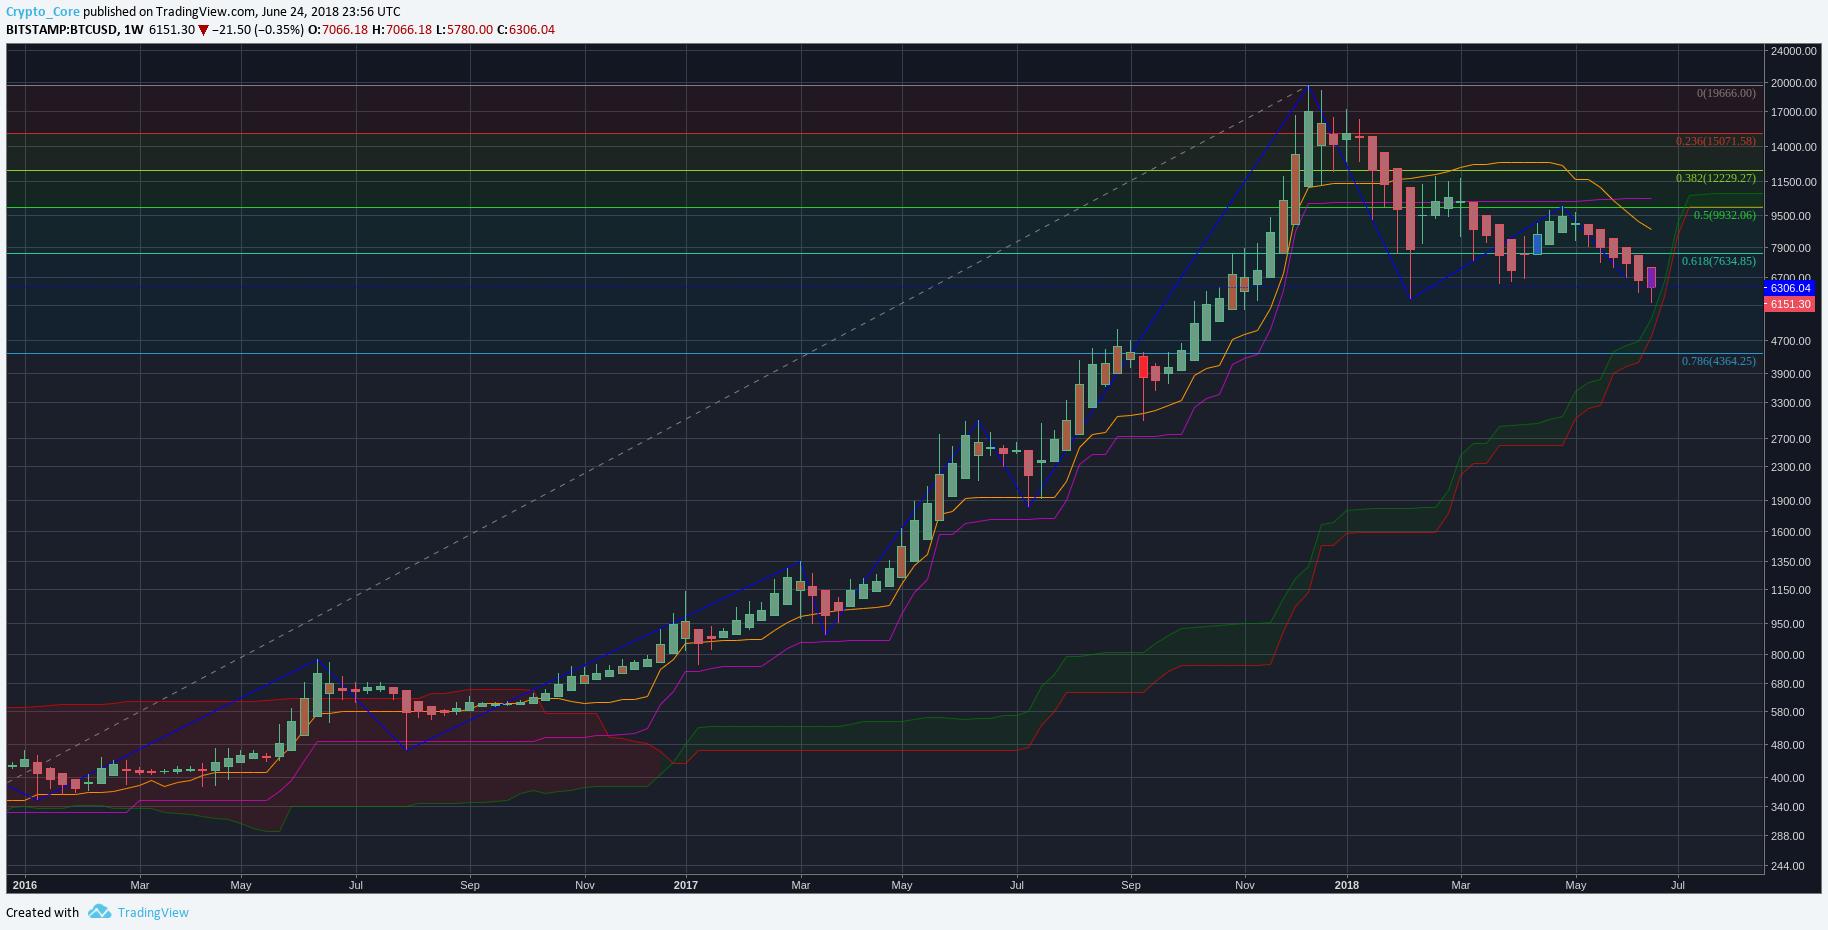 Анализ и прогноз цены биткоина на неделю